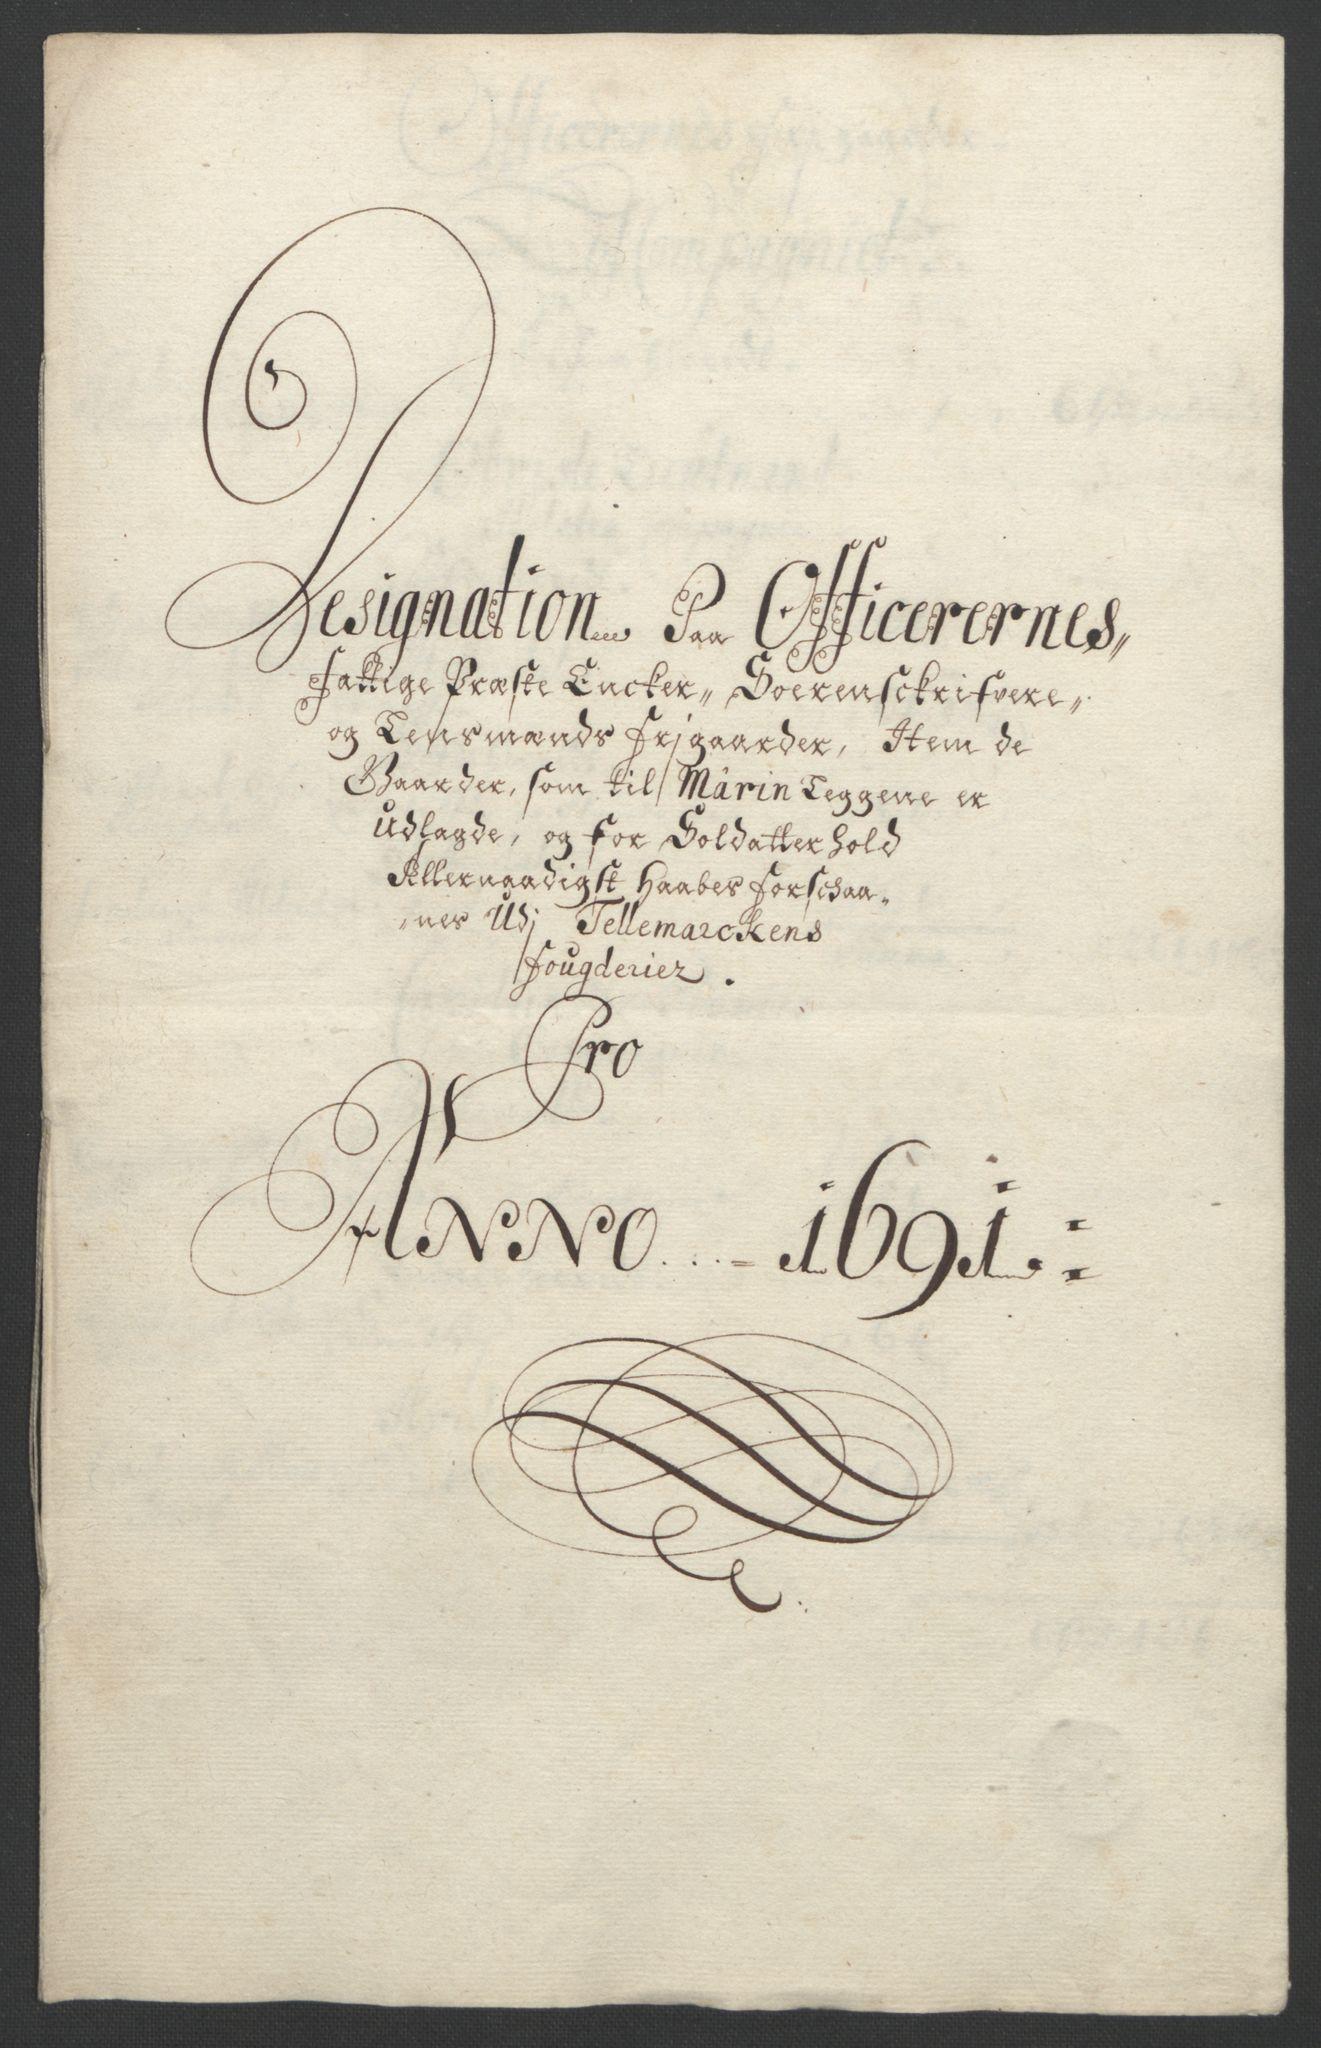 RA, Rentekammeret inntil 1814, Reviderte regnskaper, Fogderegnskap, R35/L2091: Fogderegnskap Øvre og Nedre Telemark, 1690-1693, s. 154